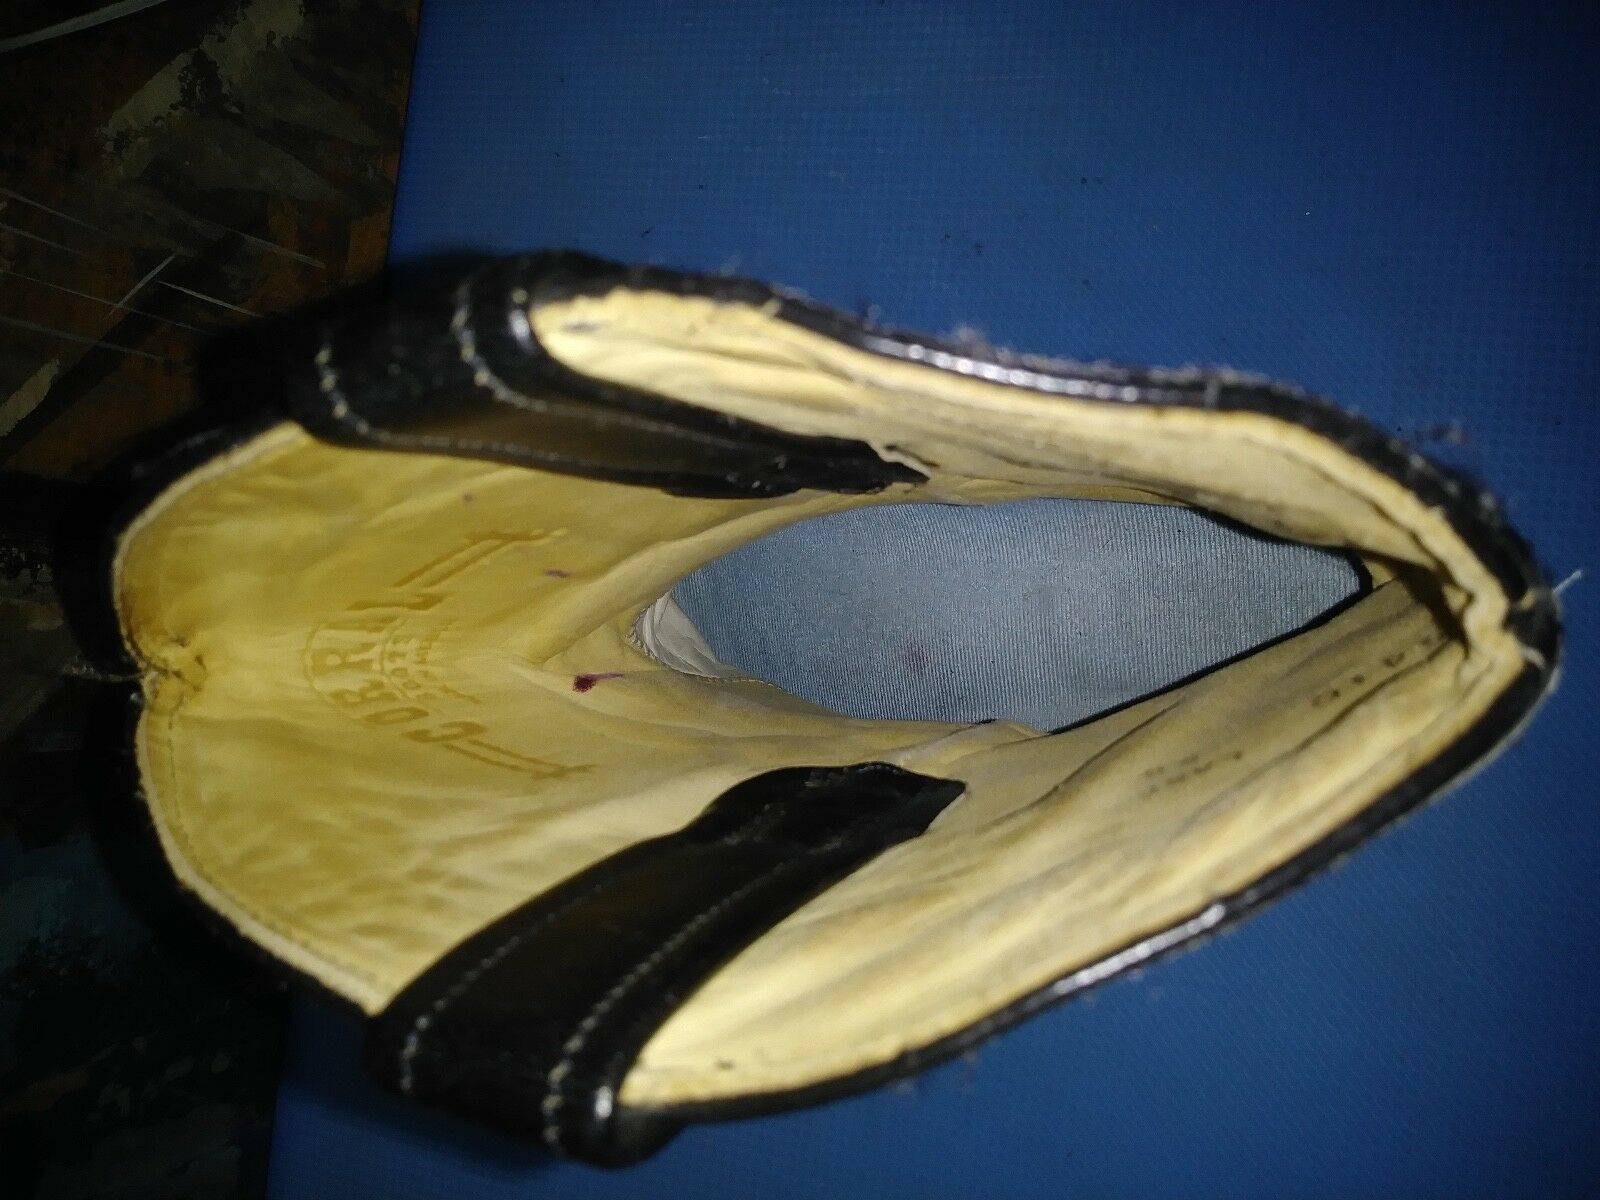 Corral A2410 hombres botas de de botas vaquero occidental de cuero negro M 32f814